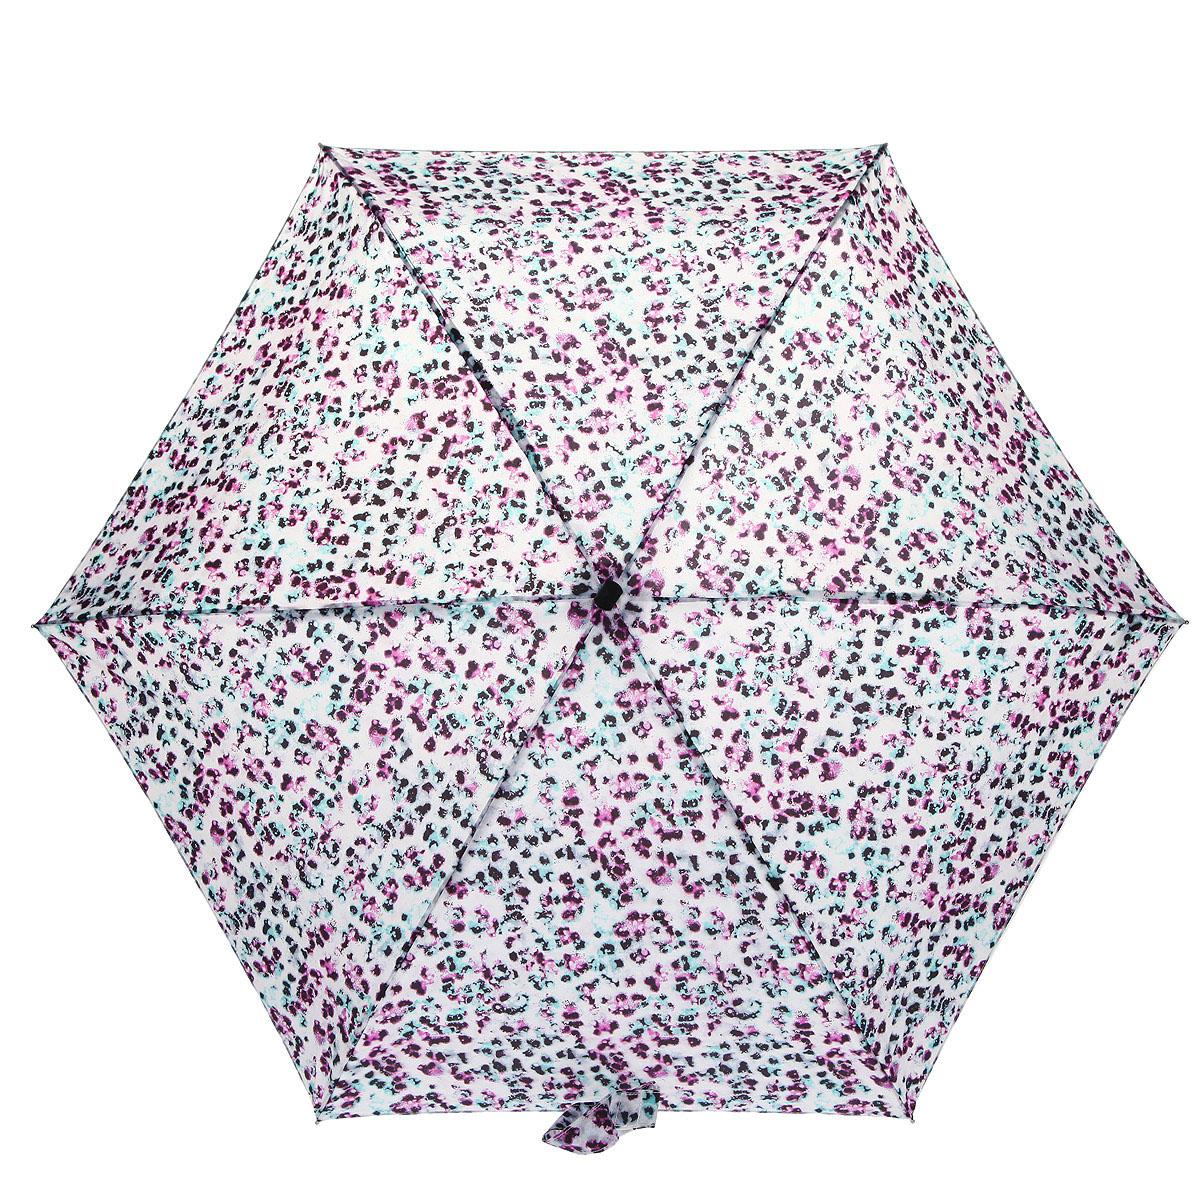 """Зонт женский Fulton """"Tiny-2. Lucid Dream"""", механический, 5 сложений. цвет: белый, розовый, черный. L501-2922"""